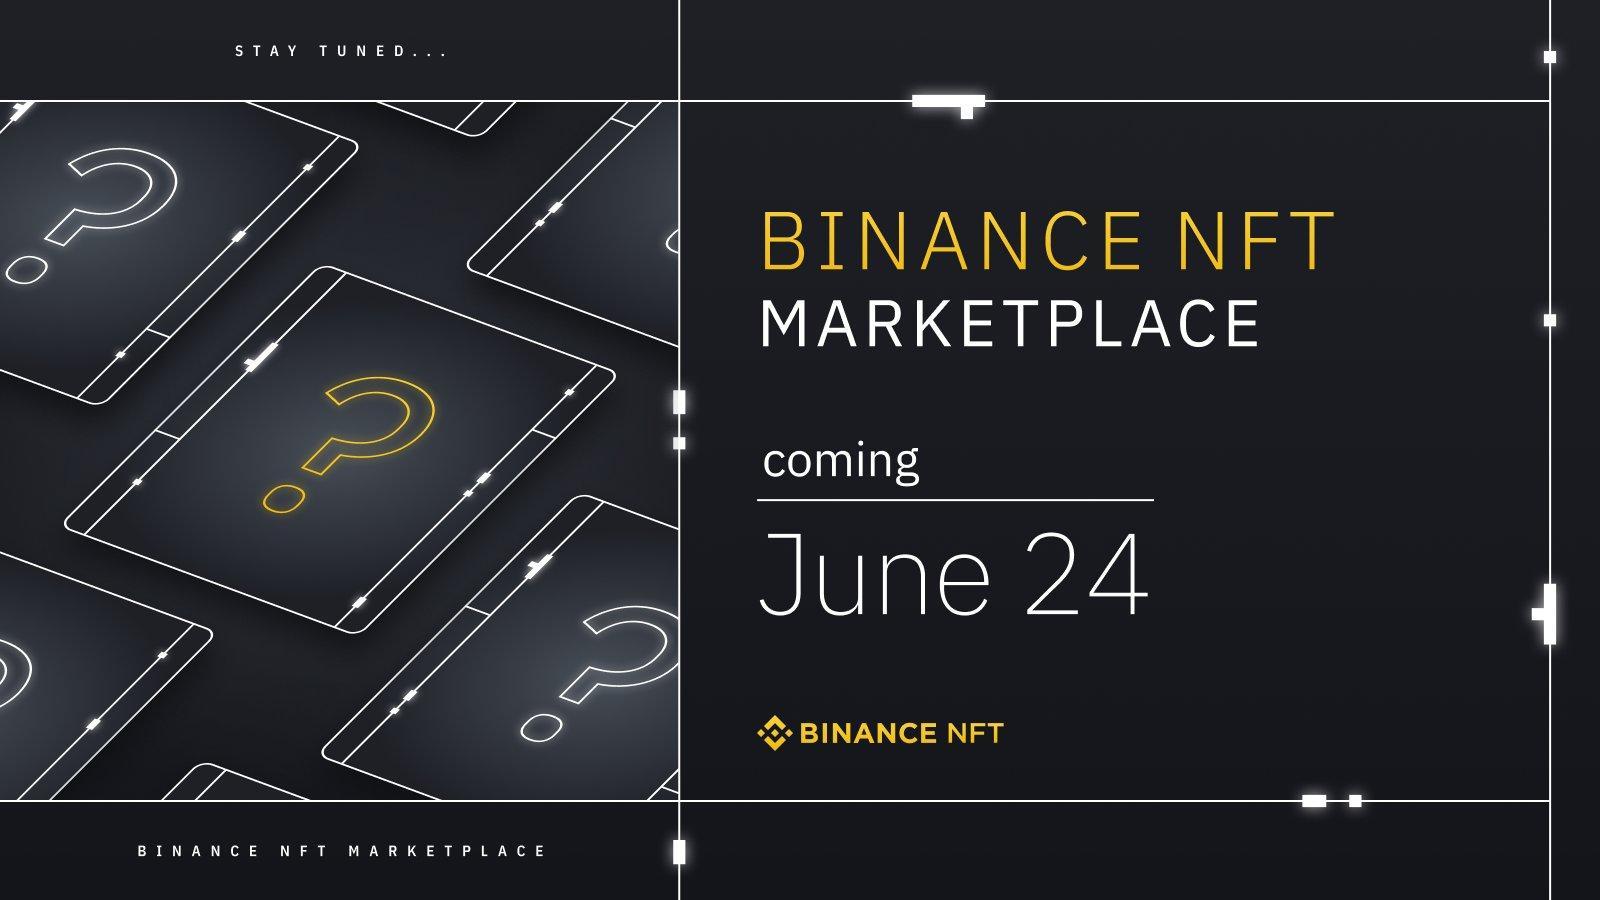 Binance NFT marketplace-launch